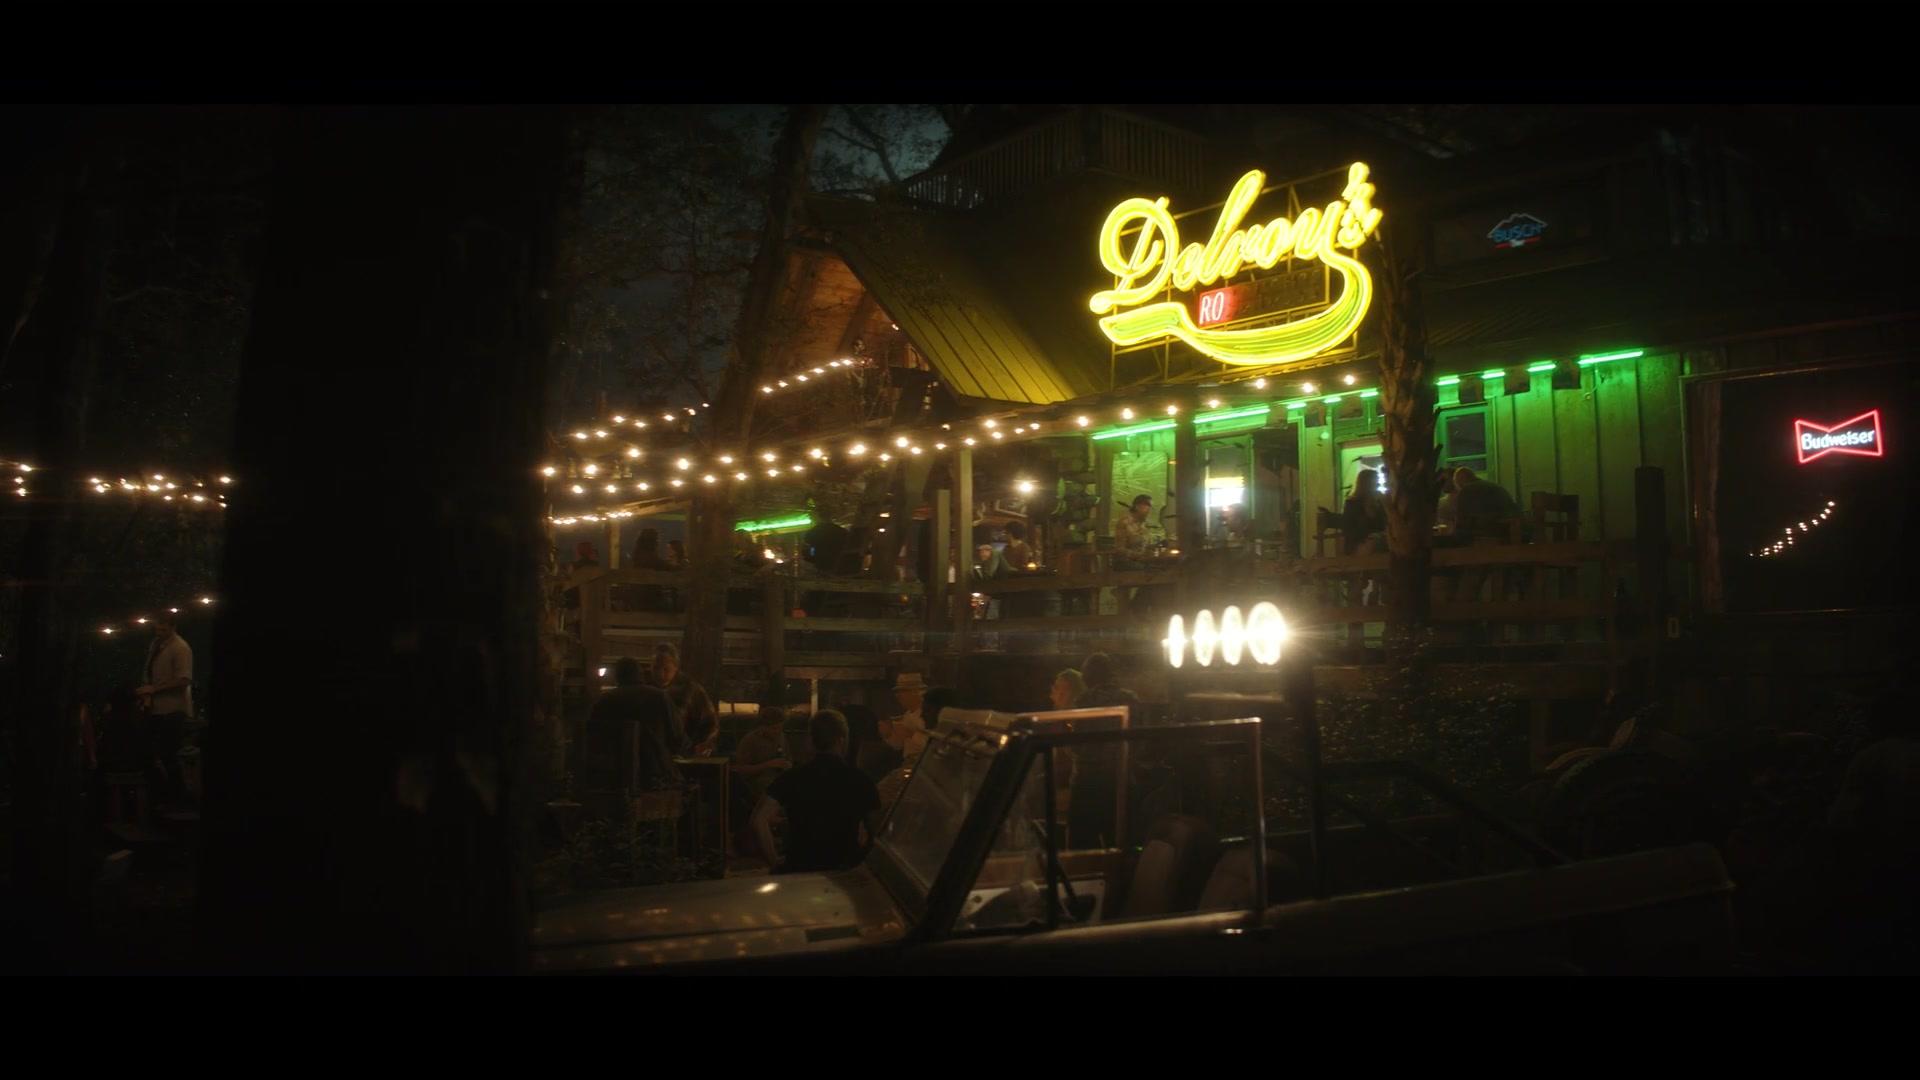 Budweiser Sign In Swamp Thing Season 1 Episode 1 Pilot